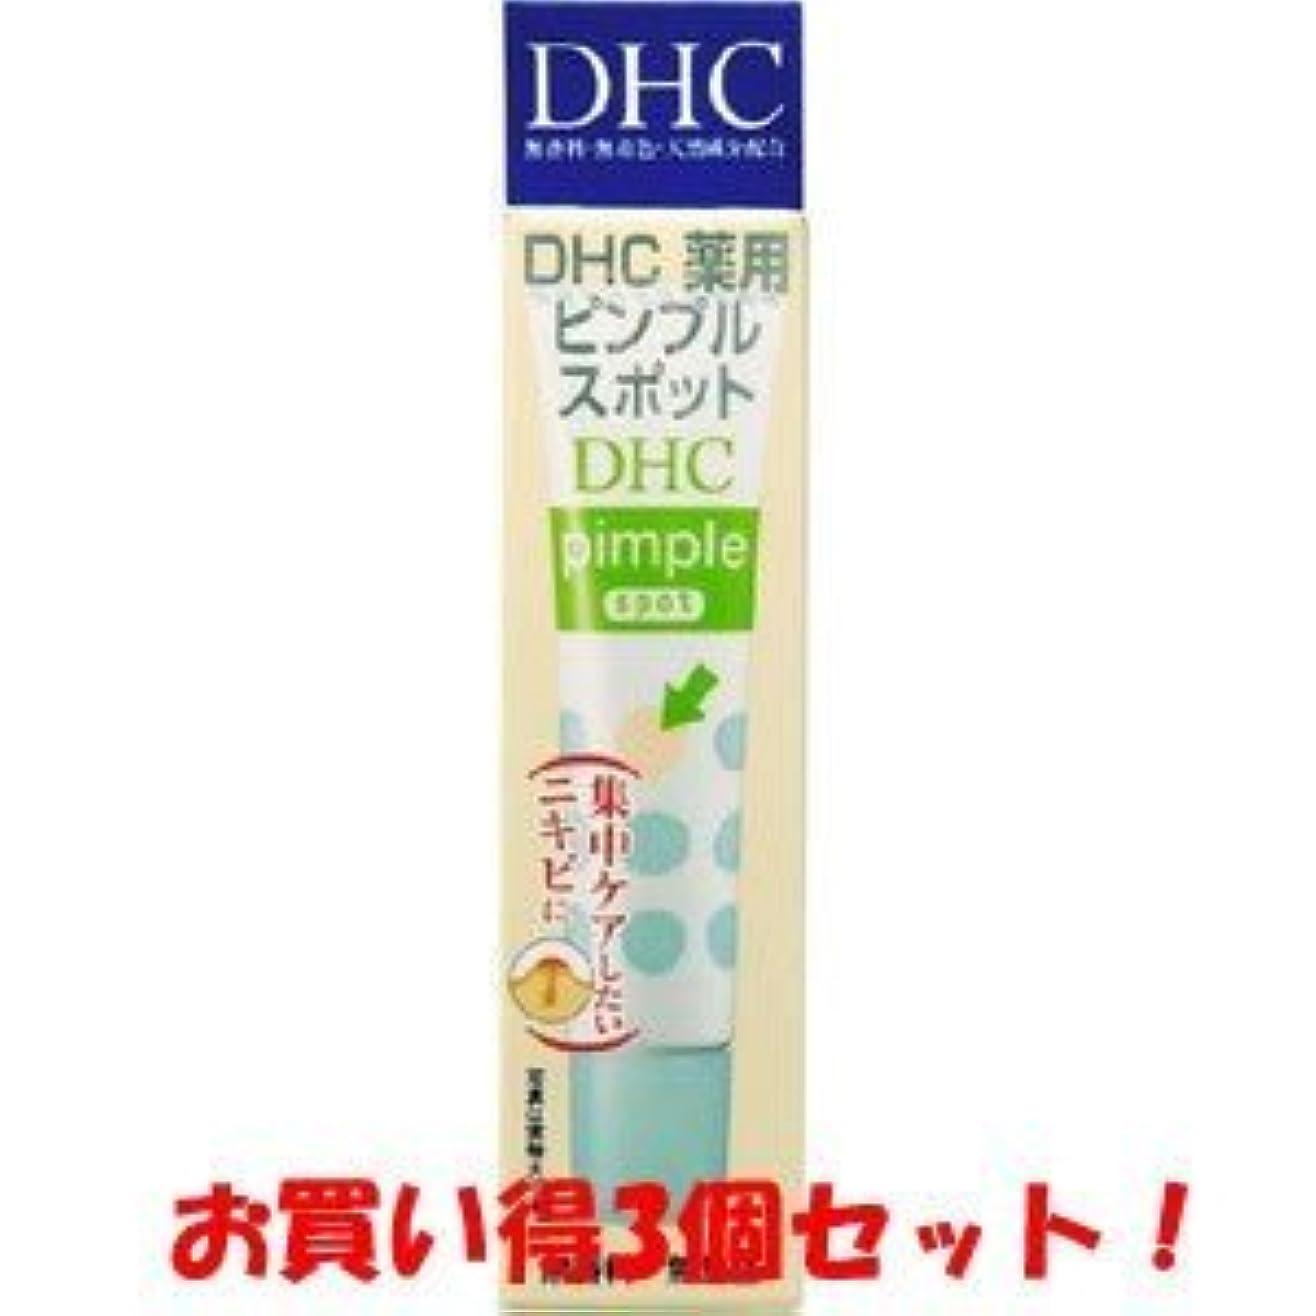 ラジカル東方死ぬDHC 薬用ピンプルスポット 15ml(医薬部外品)(お買い得3個セット)